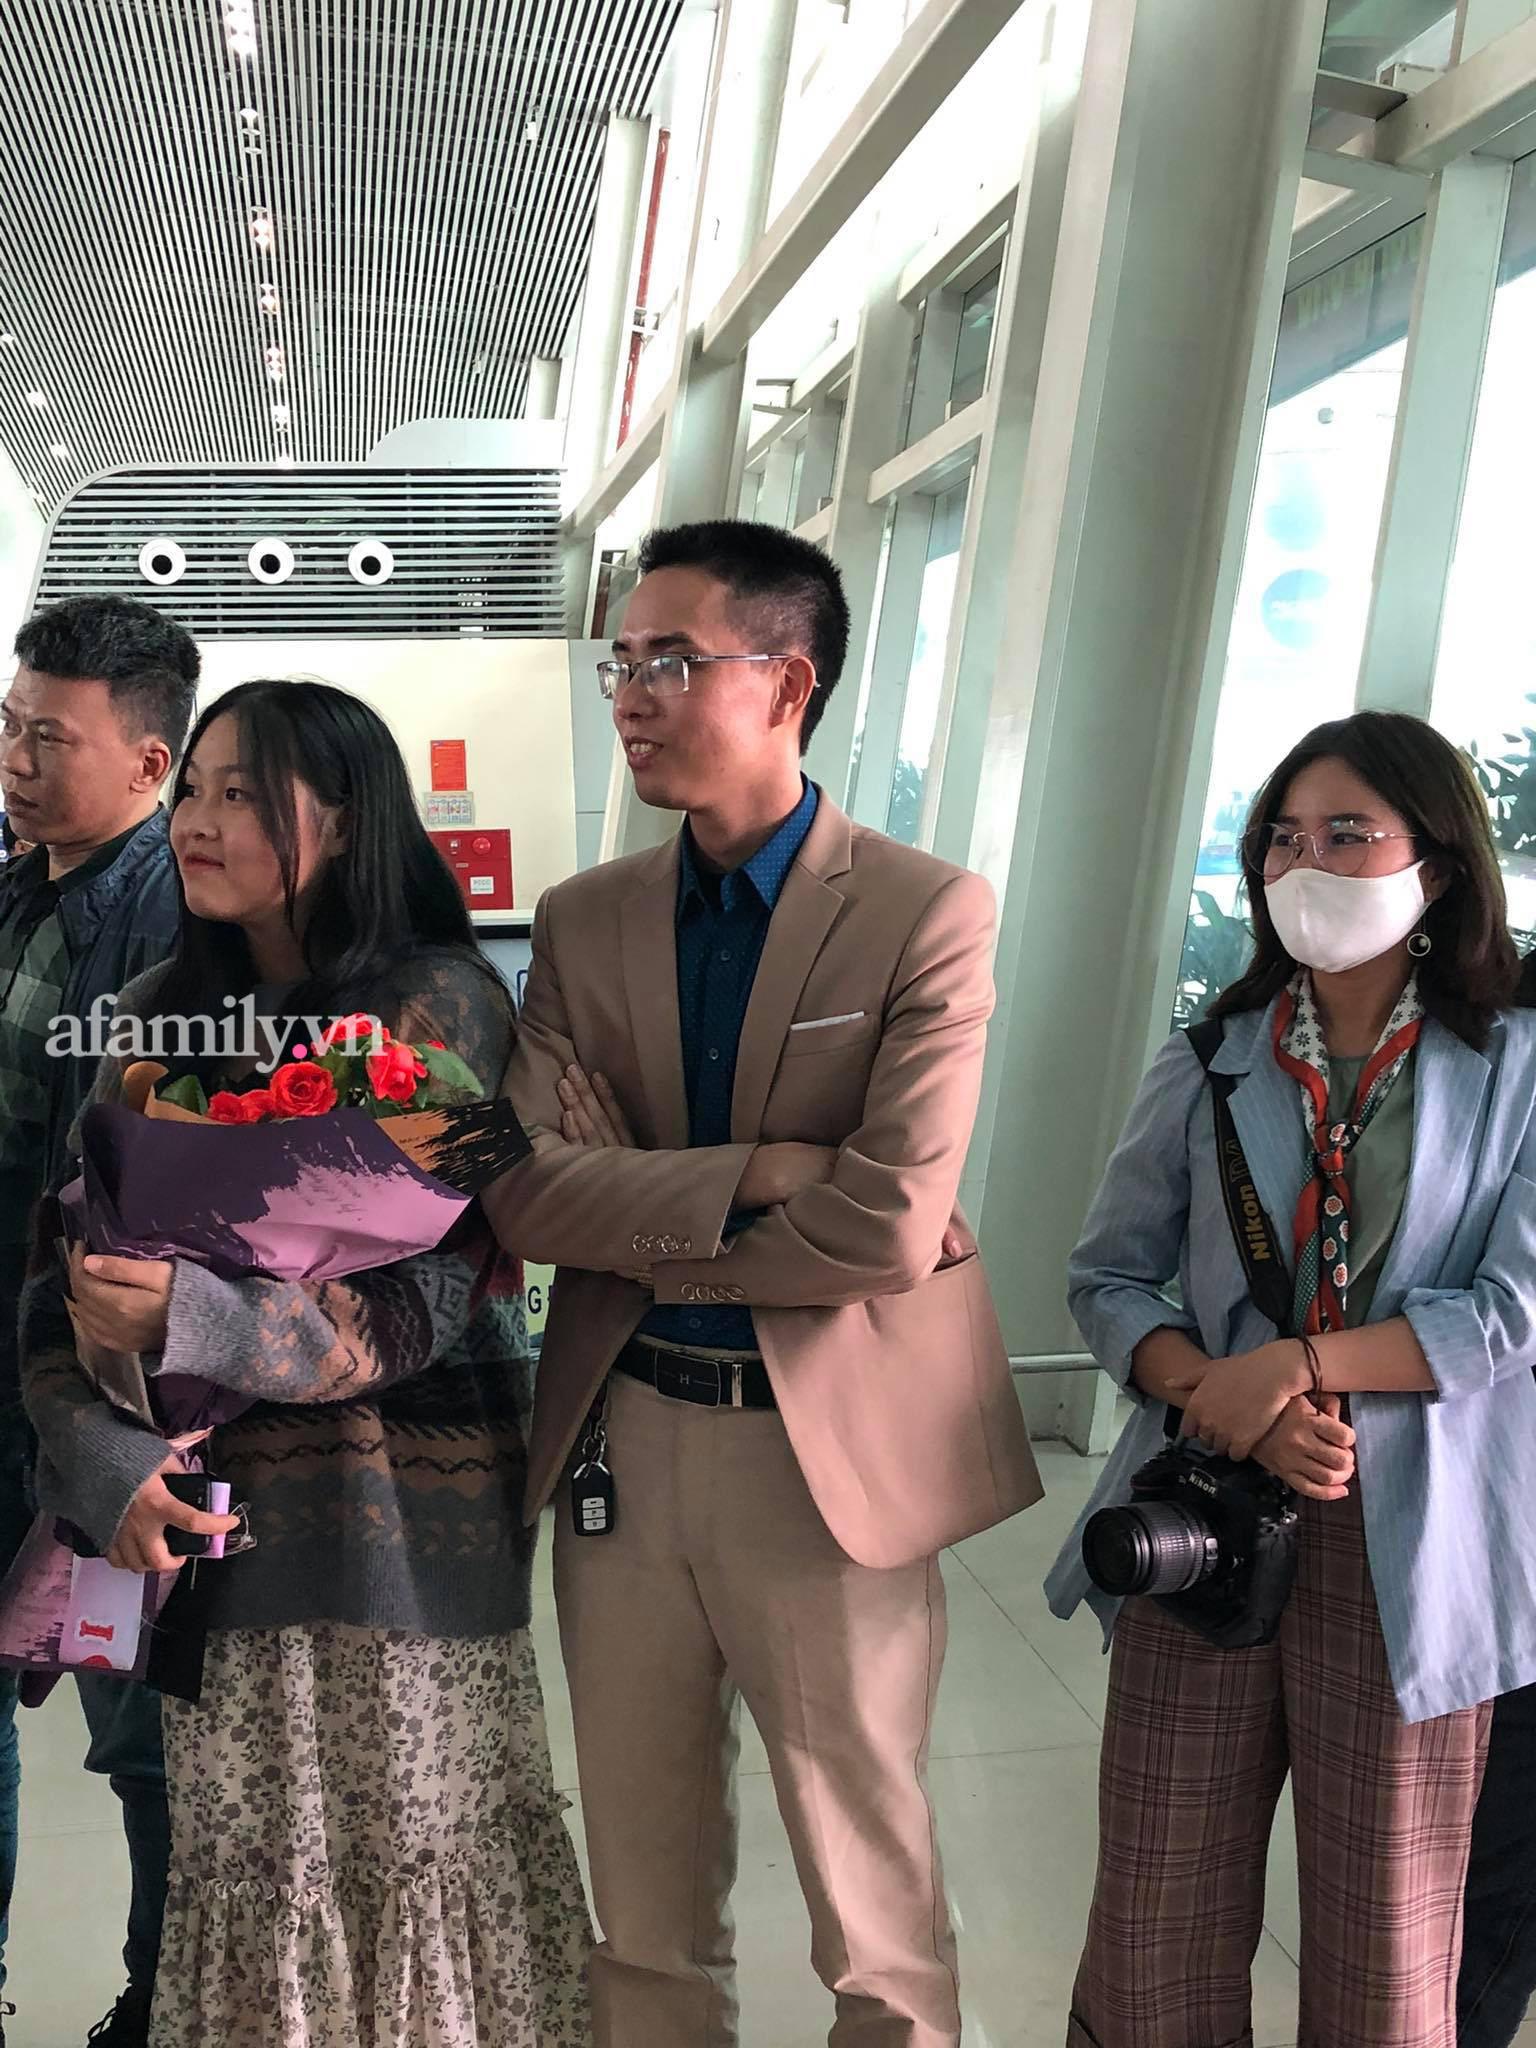 Người dân tập trung đông ở sân bay chào mừng Đỗ Thị Hà về quê sau hơn 1 tuần đăng quang Hoa hậu Việt Nam-6